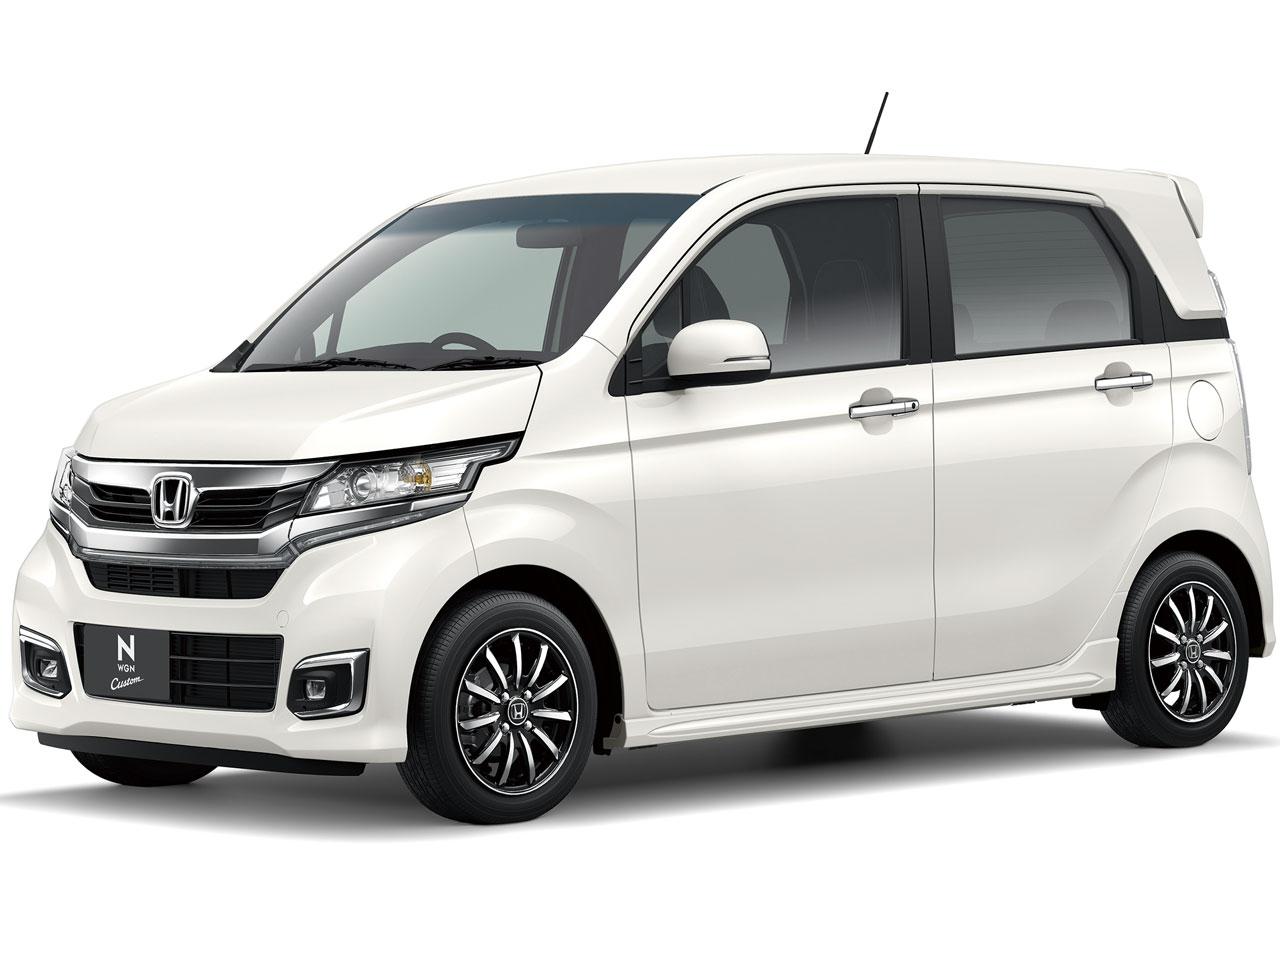 ホンダ N-WGN カスタム 2013年モデル 新車画像